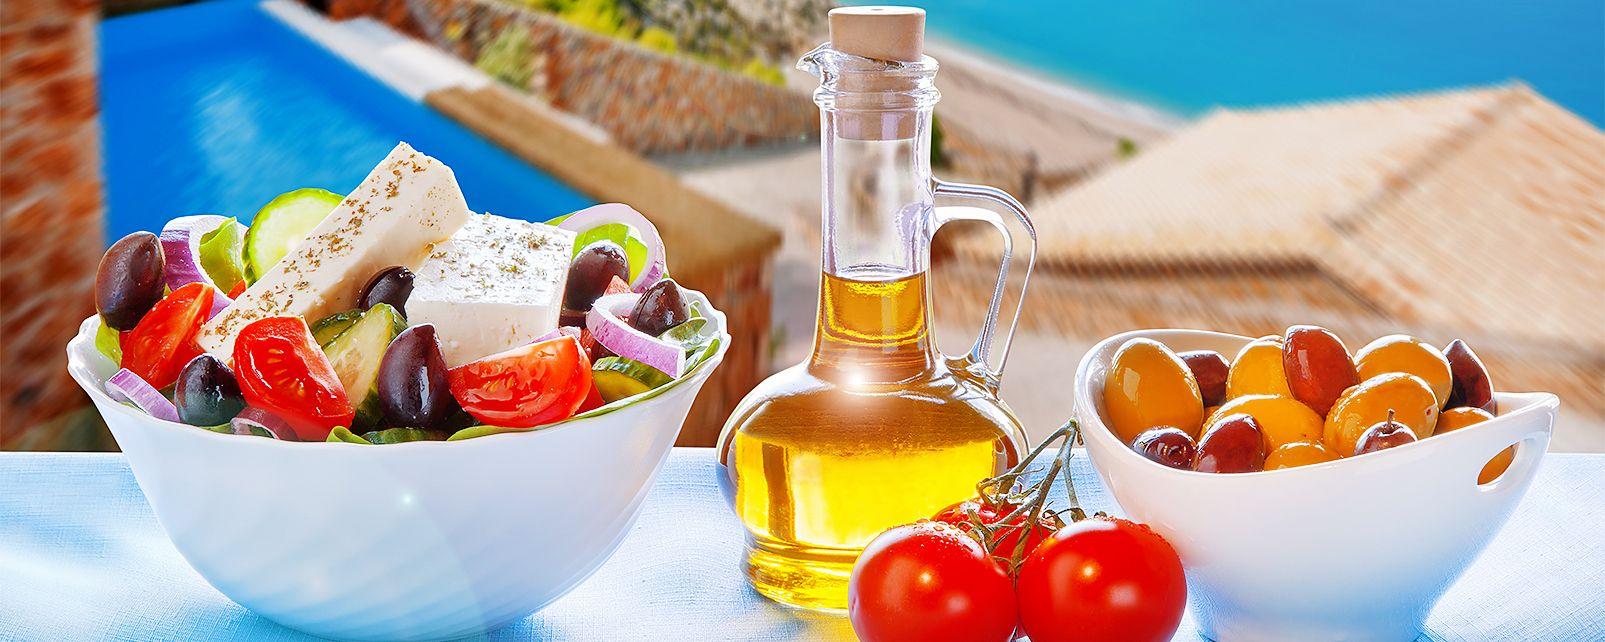 Régime crétois, La gastronomie, Crète